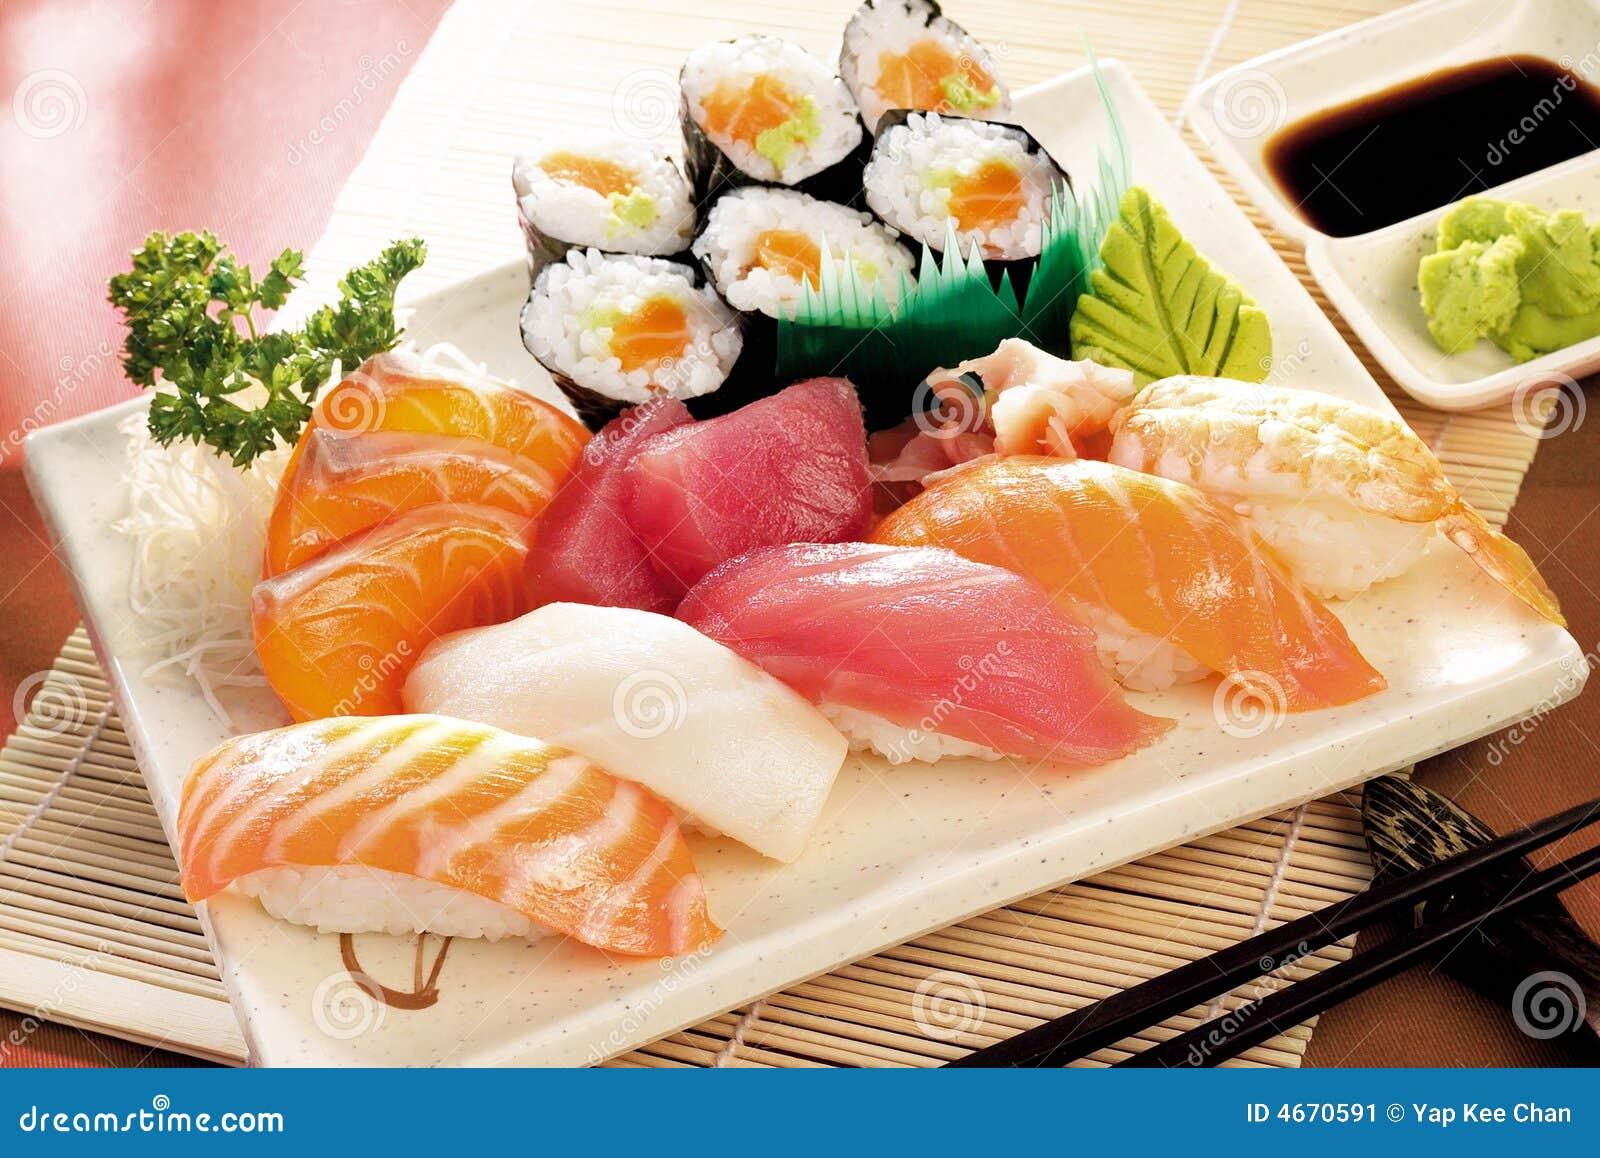 Japanese Sushi Stock Image - Image: 4670591